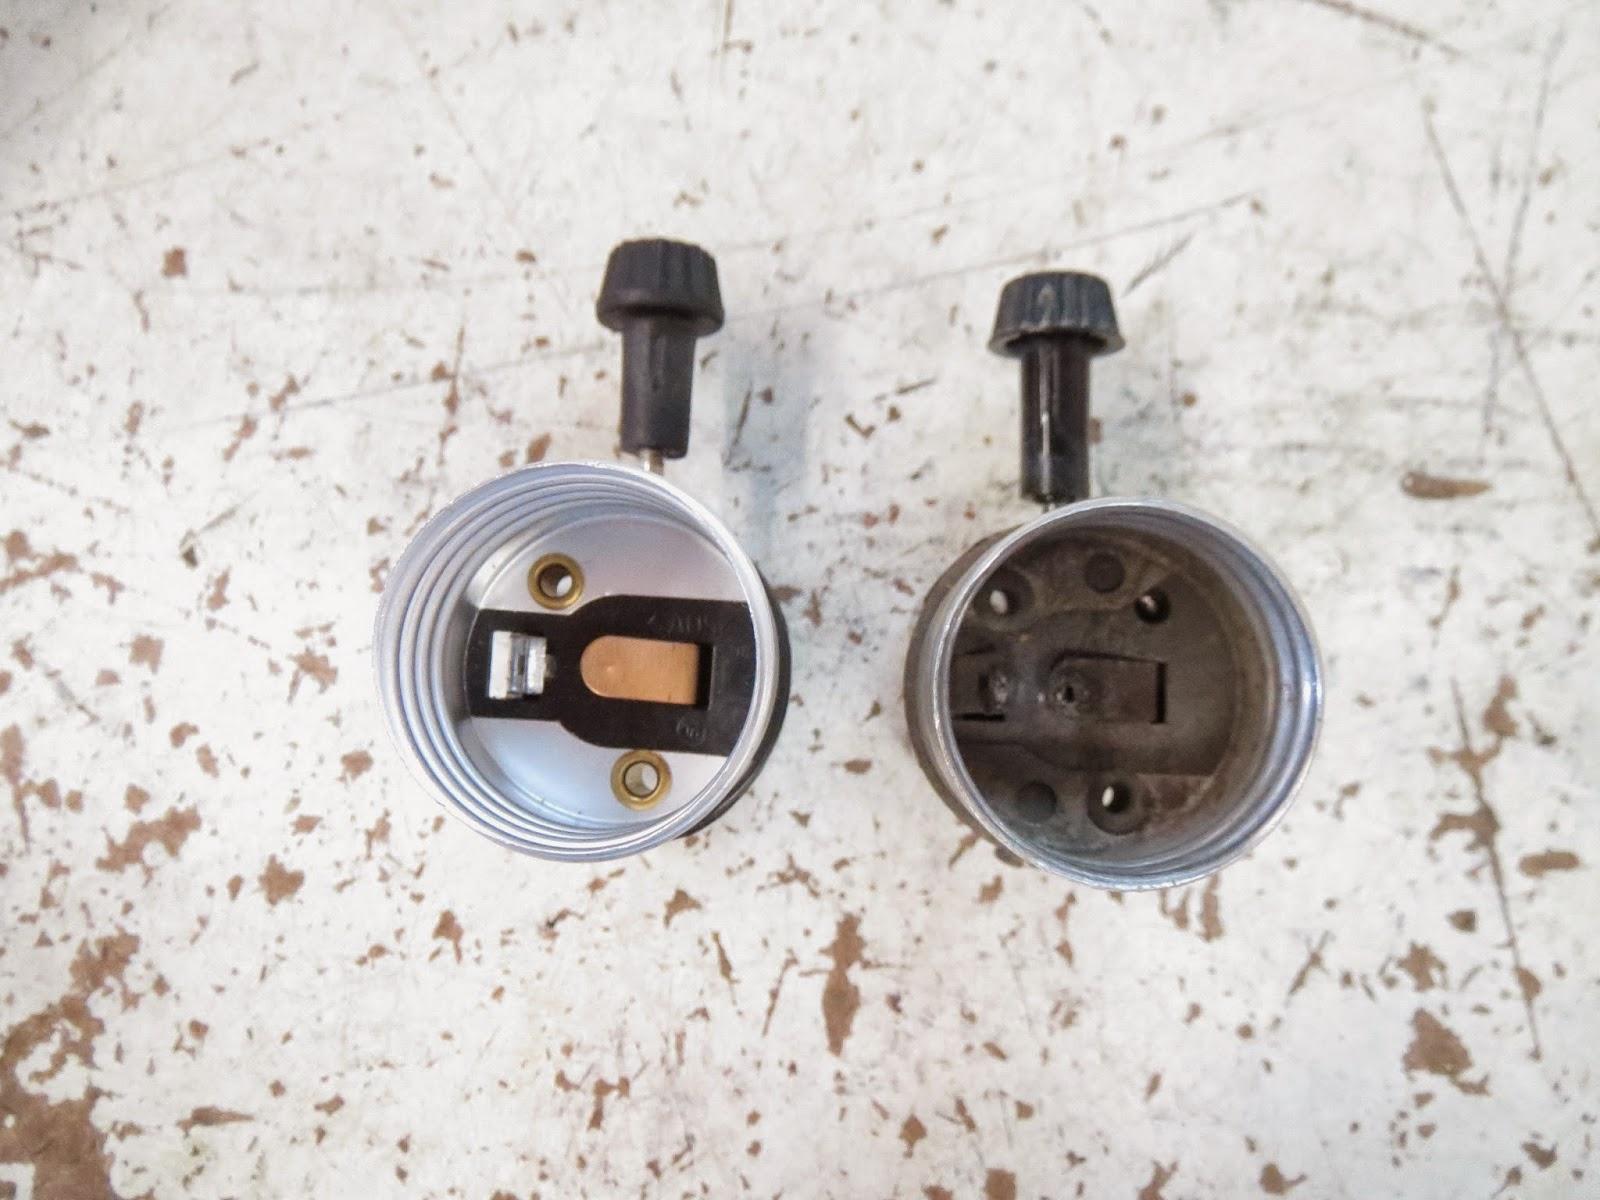 Lamp Parts And Repair | Lamp Doctor: 3 Way Sockets Vs. 3 Terminal - 2 Circuit 3 Terminal Lamp Socket Wiring Diagram